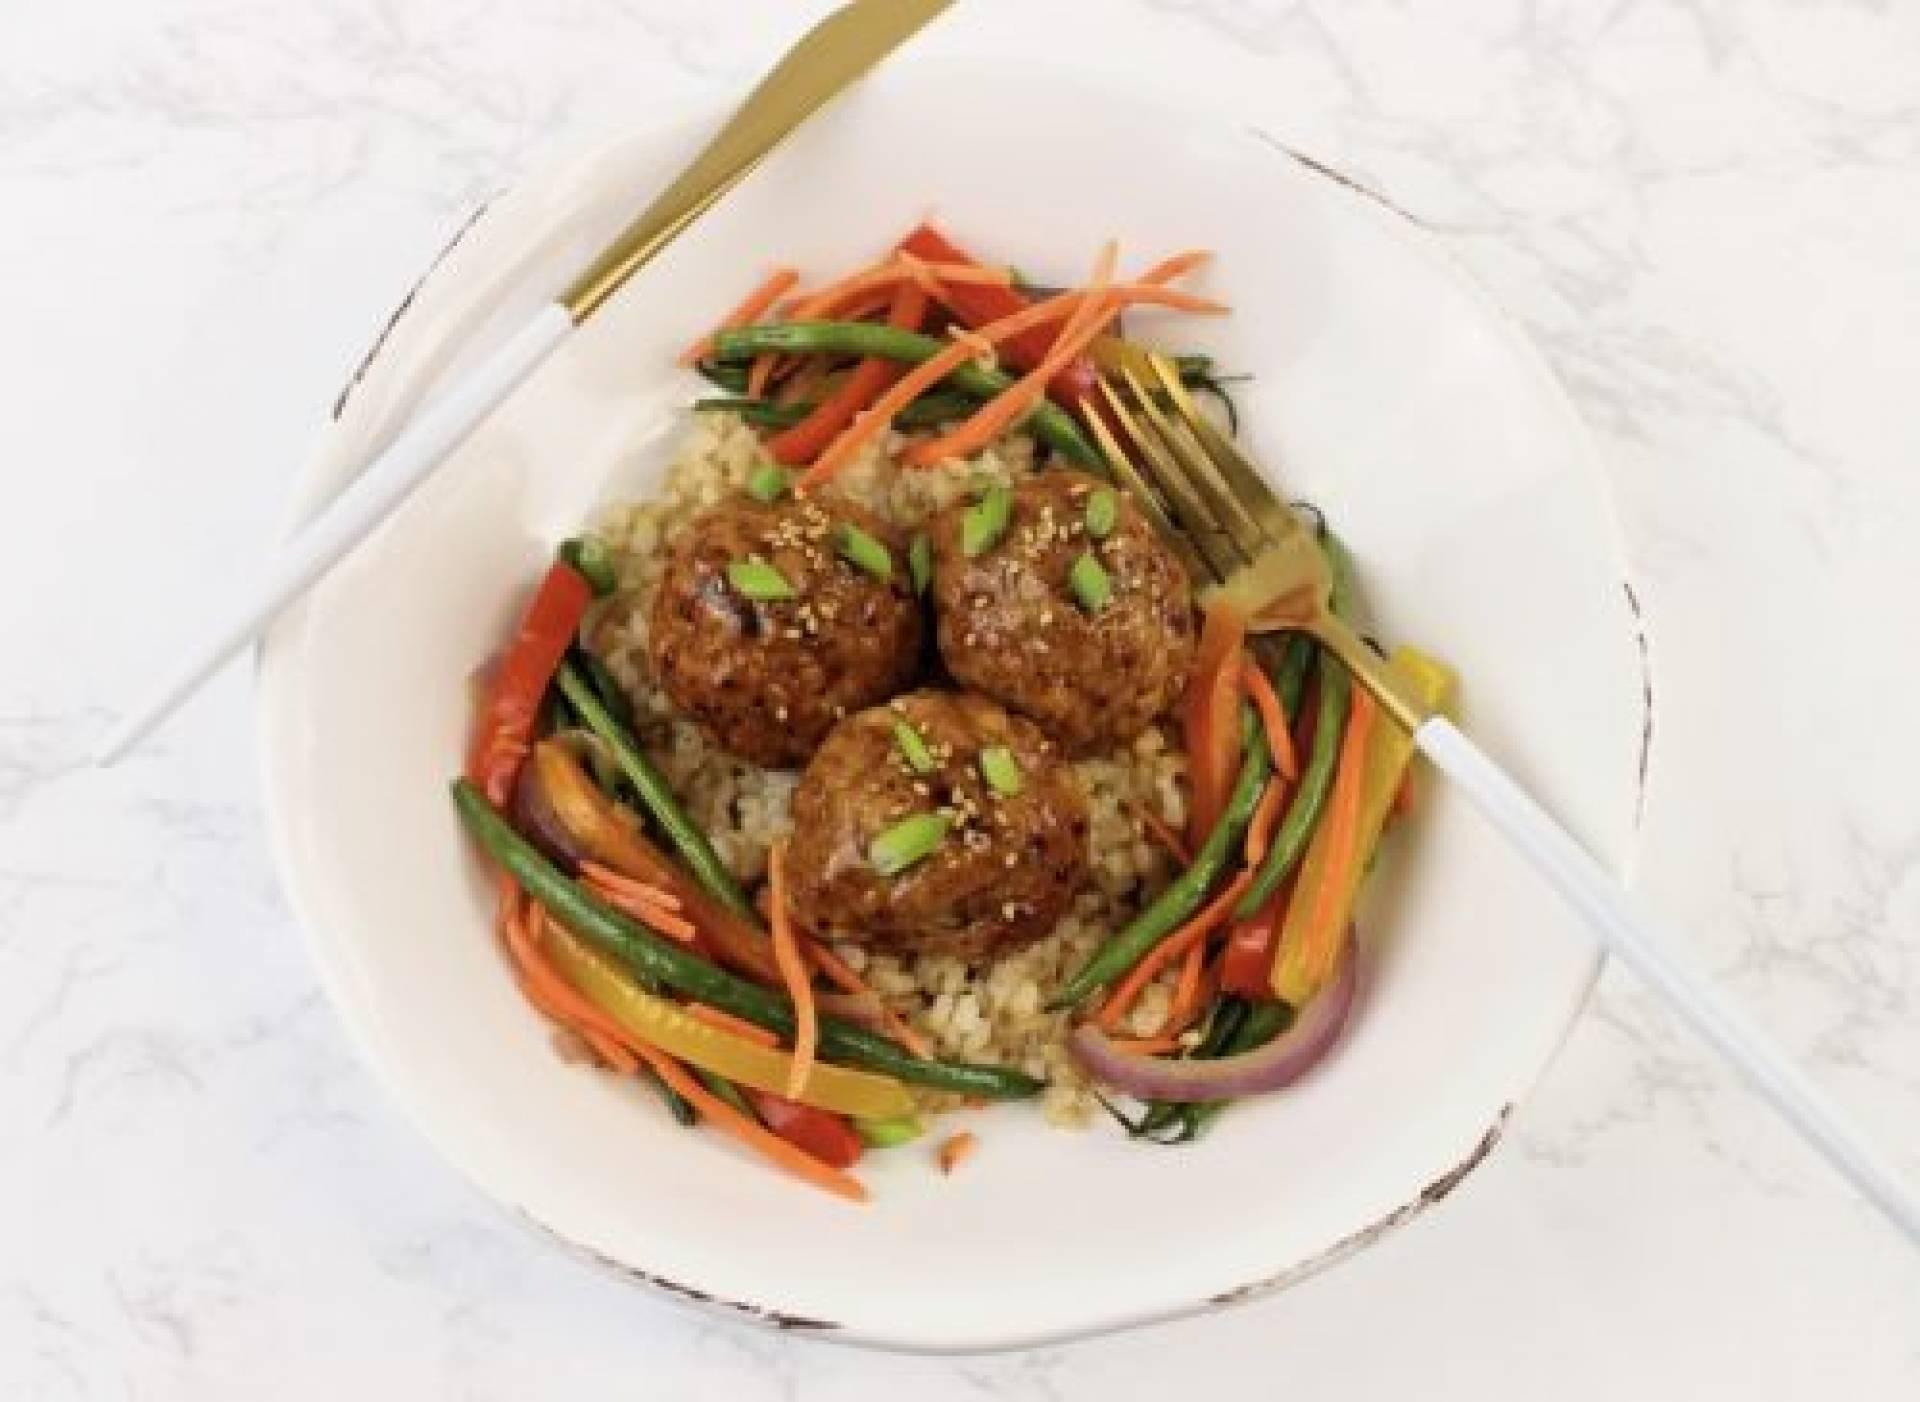 Teriyaki Turkey Meatballs with Peanut Sauce